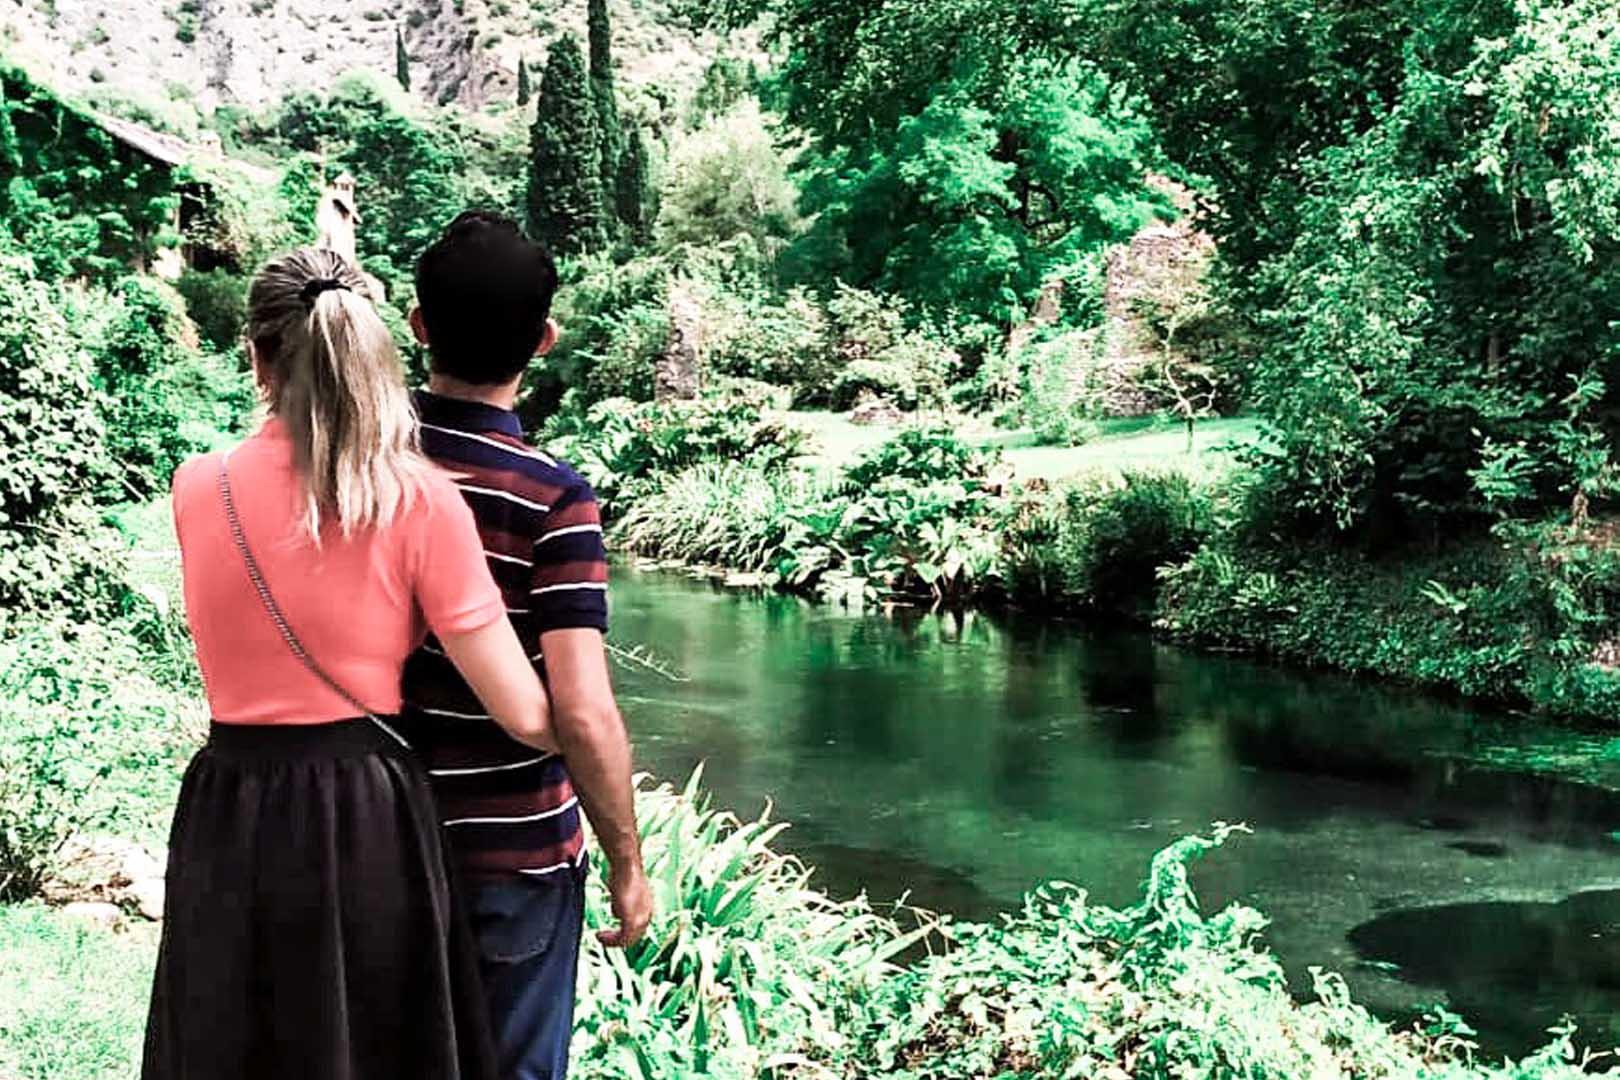 Viaggiare in coppia, 5 motivi per farlo spesso